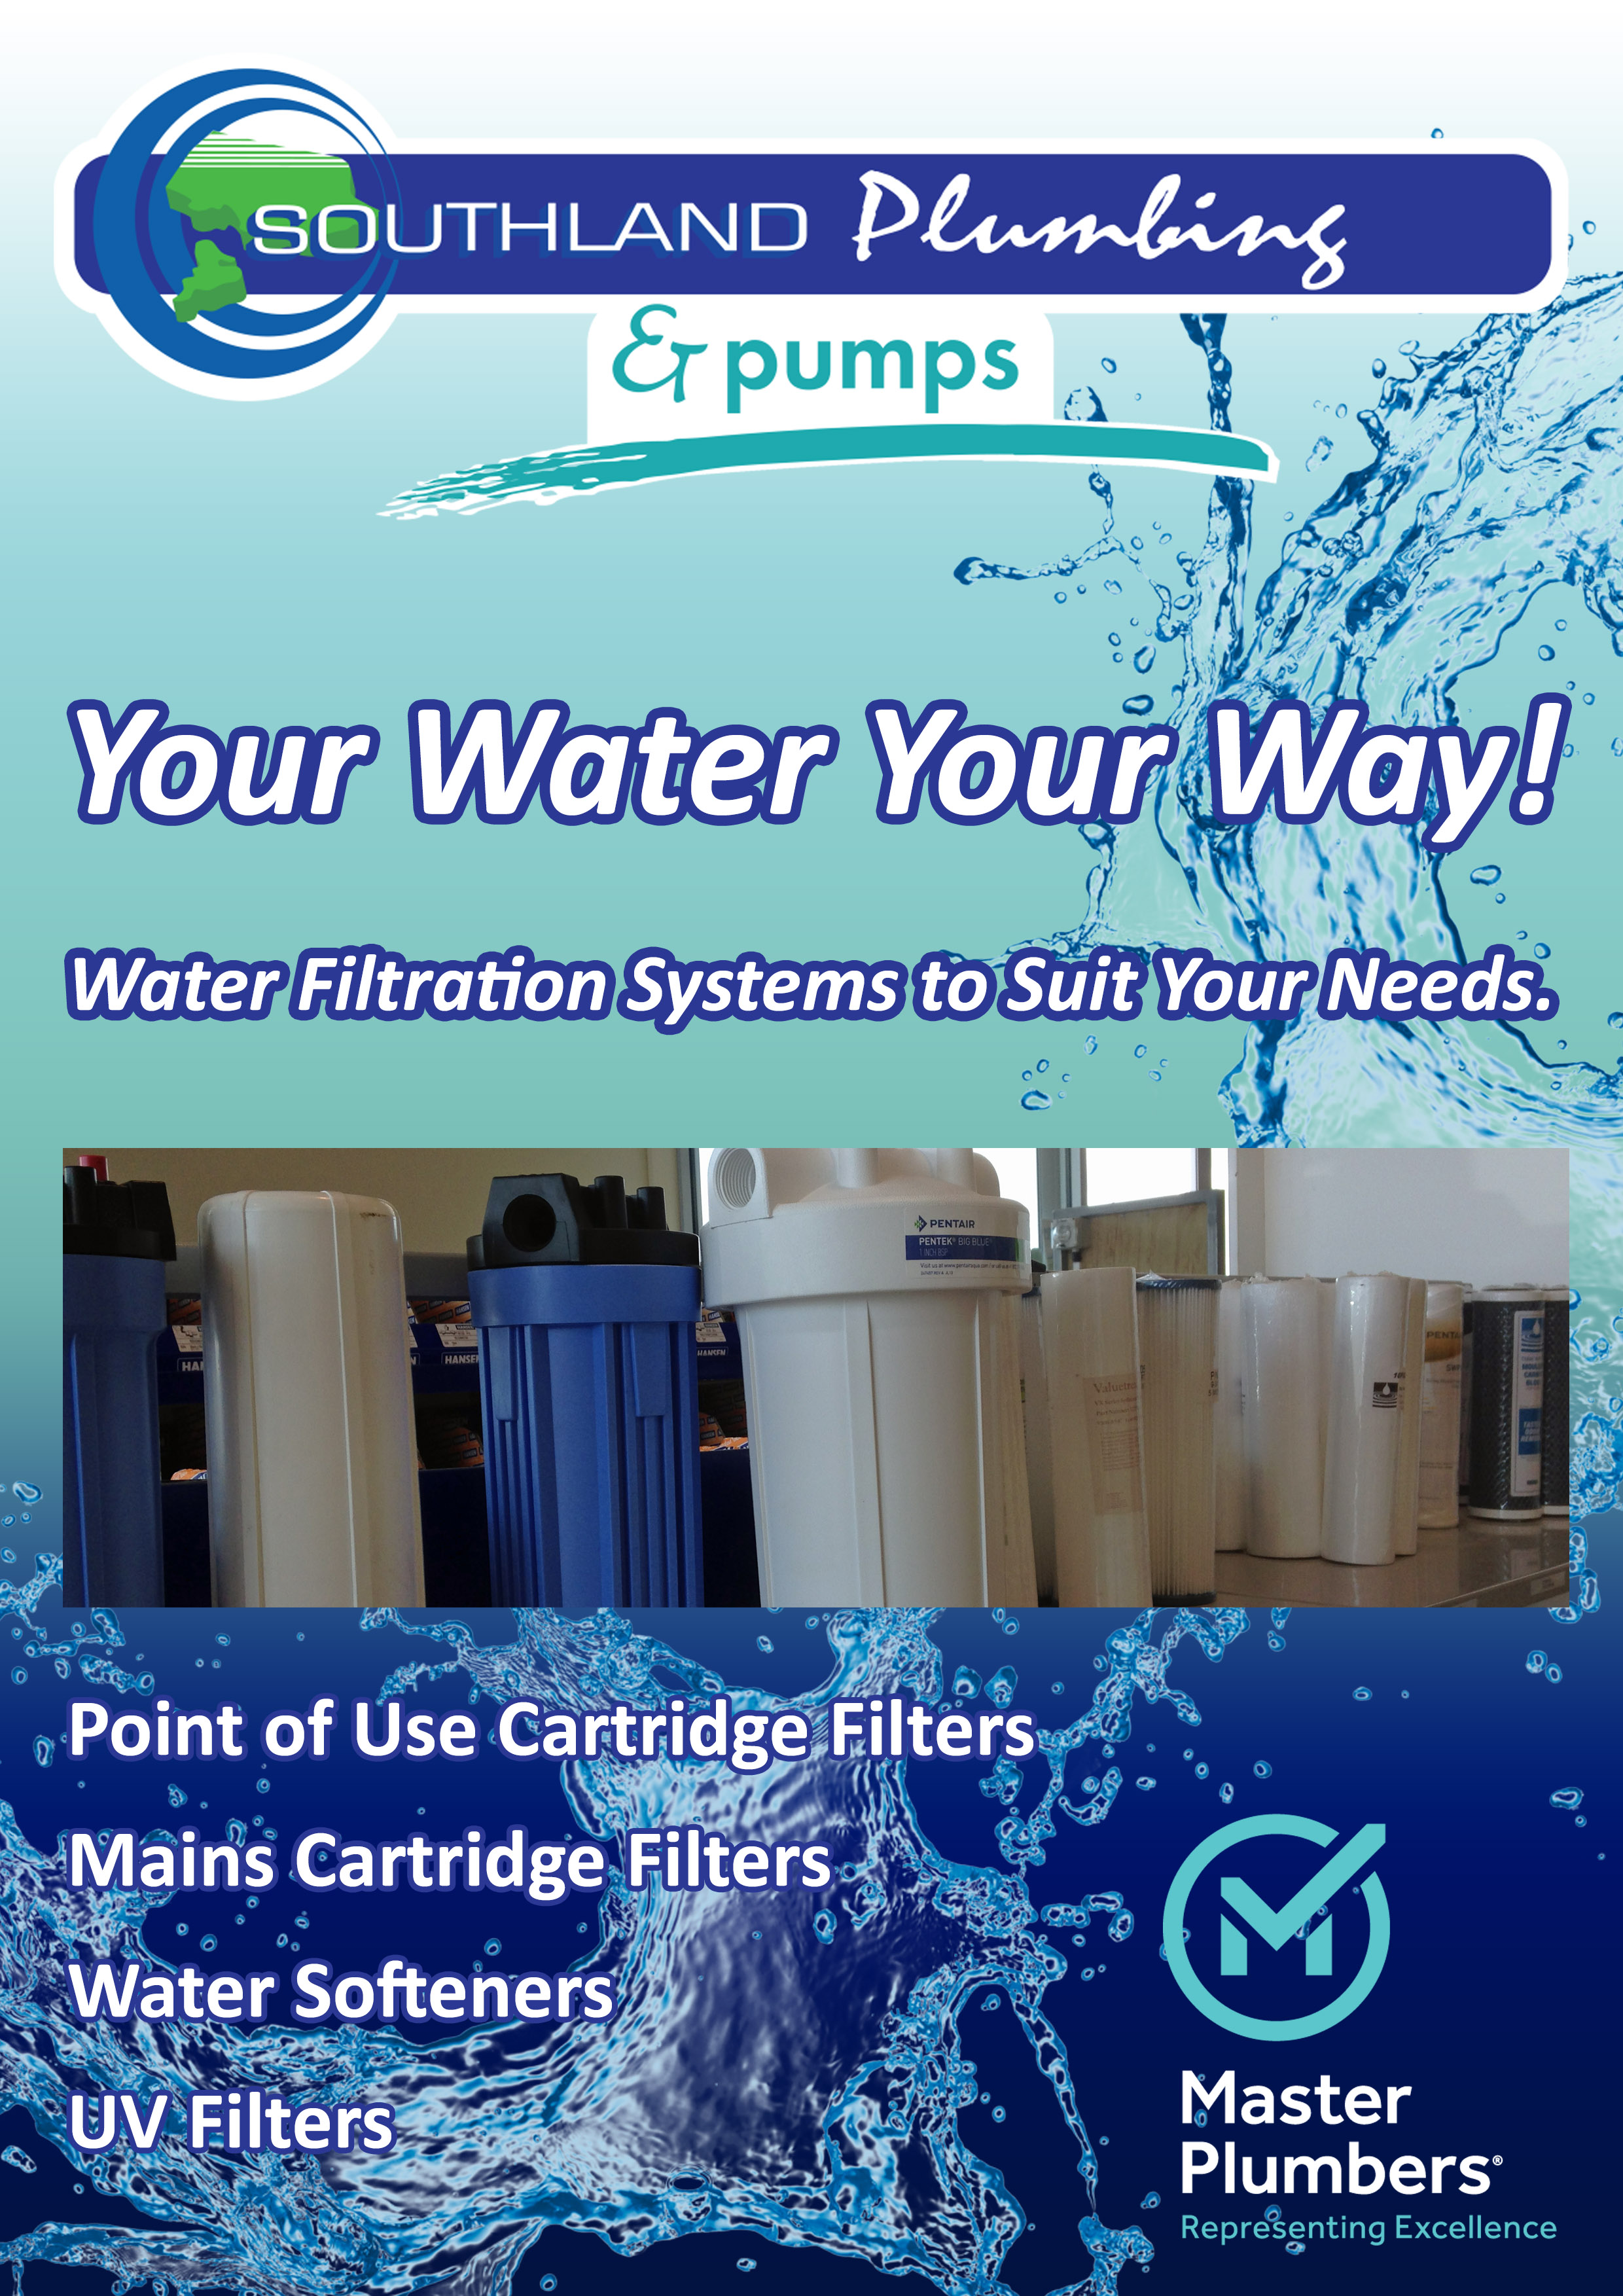 18-05-03 Filtration Brochure - front.jpg